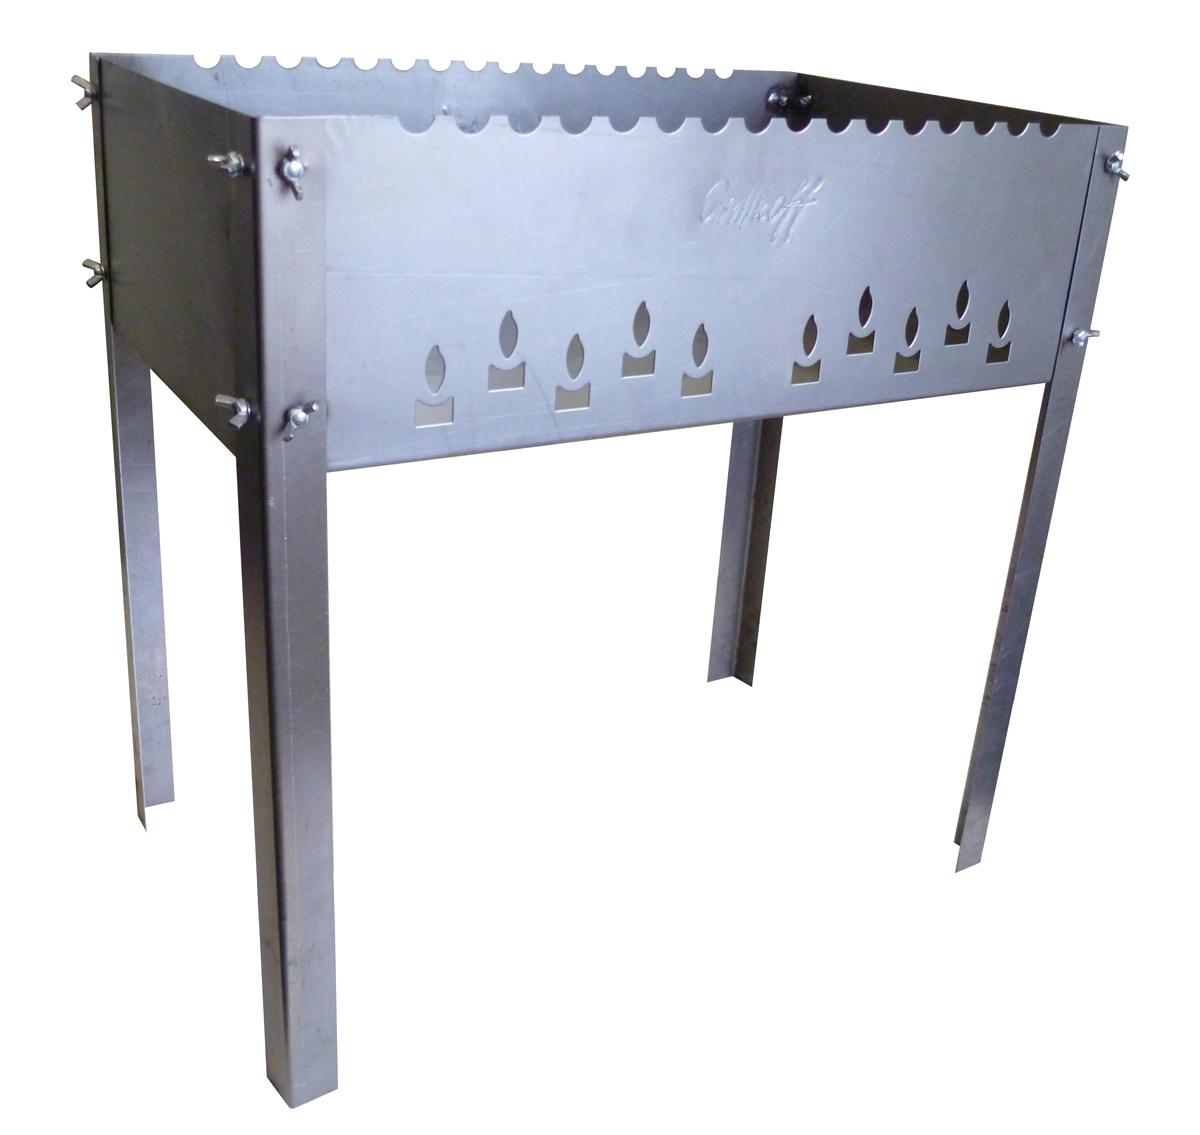 Мангал Grillkoff Max, с 6 шампурами, 50 х 30 х 50 см248Мангал Grillkoff Max выполнен из высококачественной стали. С барашками, с волной. Мангал без усилий собирается для применения. Конструкция позволяет с комфортом готовить на мангале.В комплекте 6 шампуров, выполненных из нержавеющей стали.Размер мангала (с учетом ножек): 50 х 30 х 50 см.Глубина мангала: 14,5 см.Толщина стали: 1,5 мм.Длина шампуров: 50 см.Толщина шампуров: 0,8 мм.